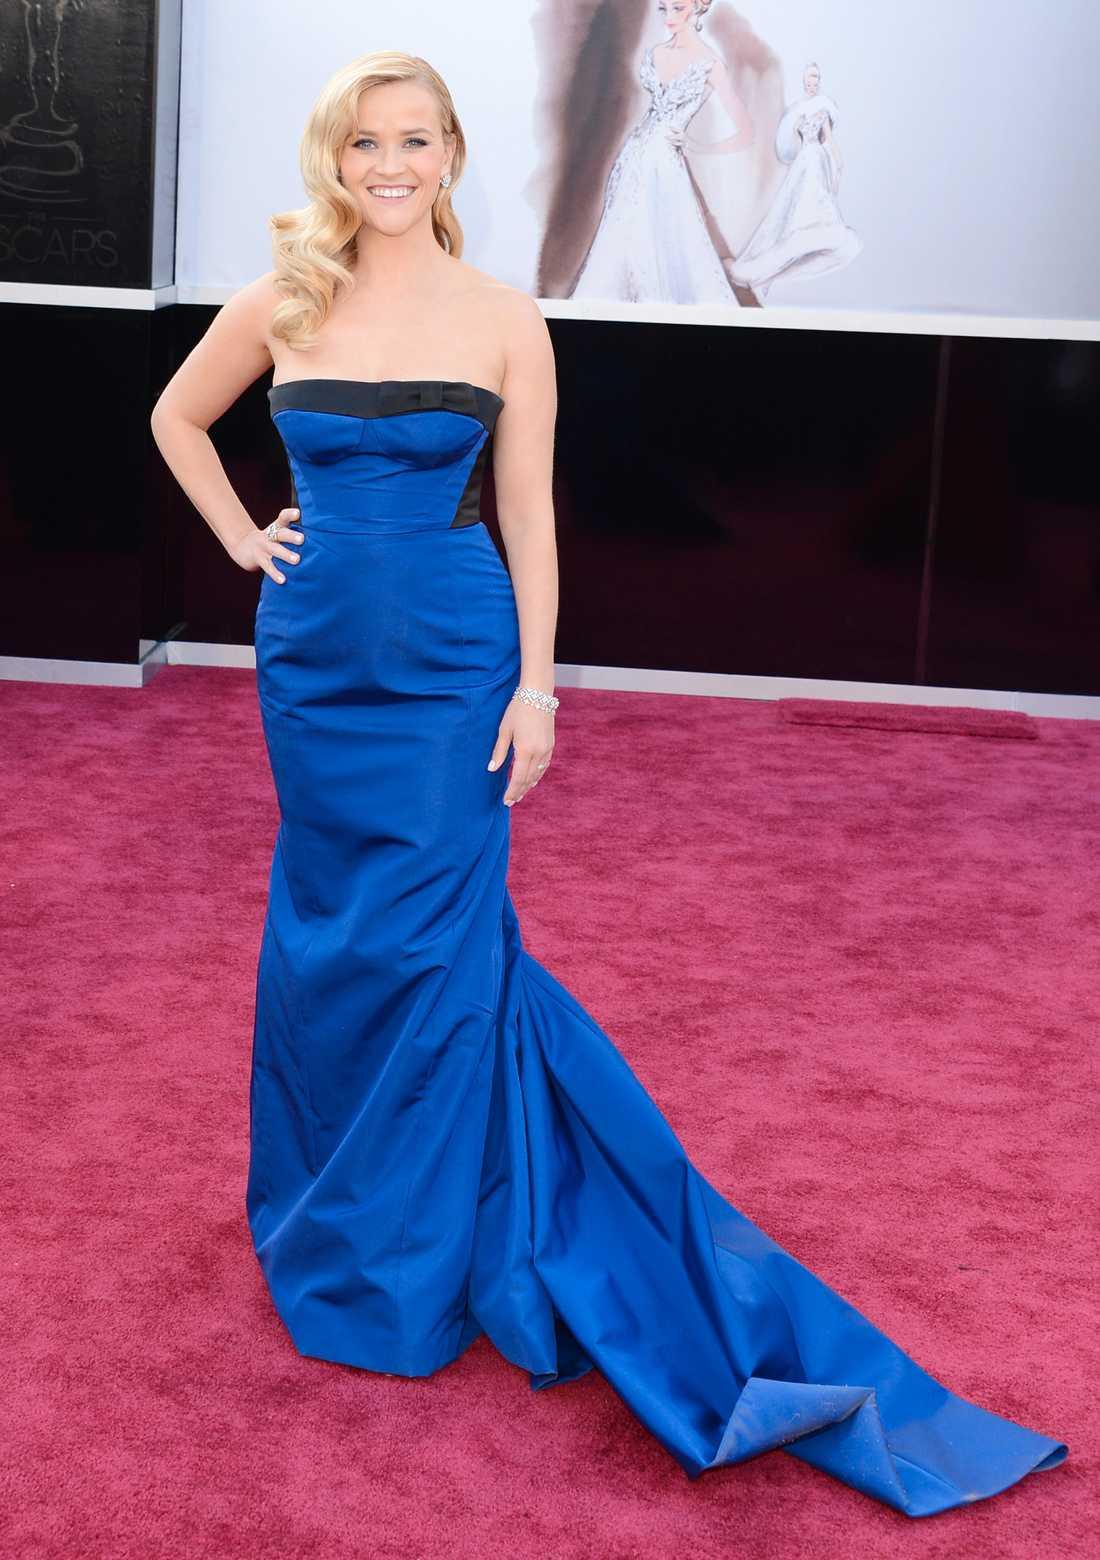 Reese Witherspoon Under hela sändningen hörde jag ooohhh och aaaahhh när det snackades om Reese och hennes Louis Vuitton-klänning. Så förväntningarna var enorma. När hon sen kom i bild blev det en klassisk: doh! Nä! För trist! 2 plus